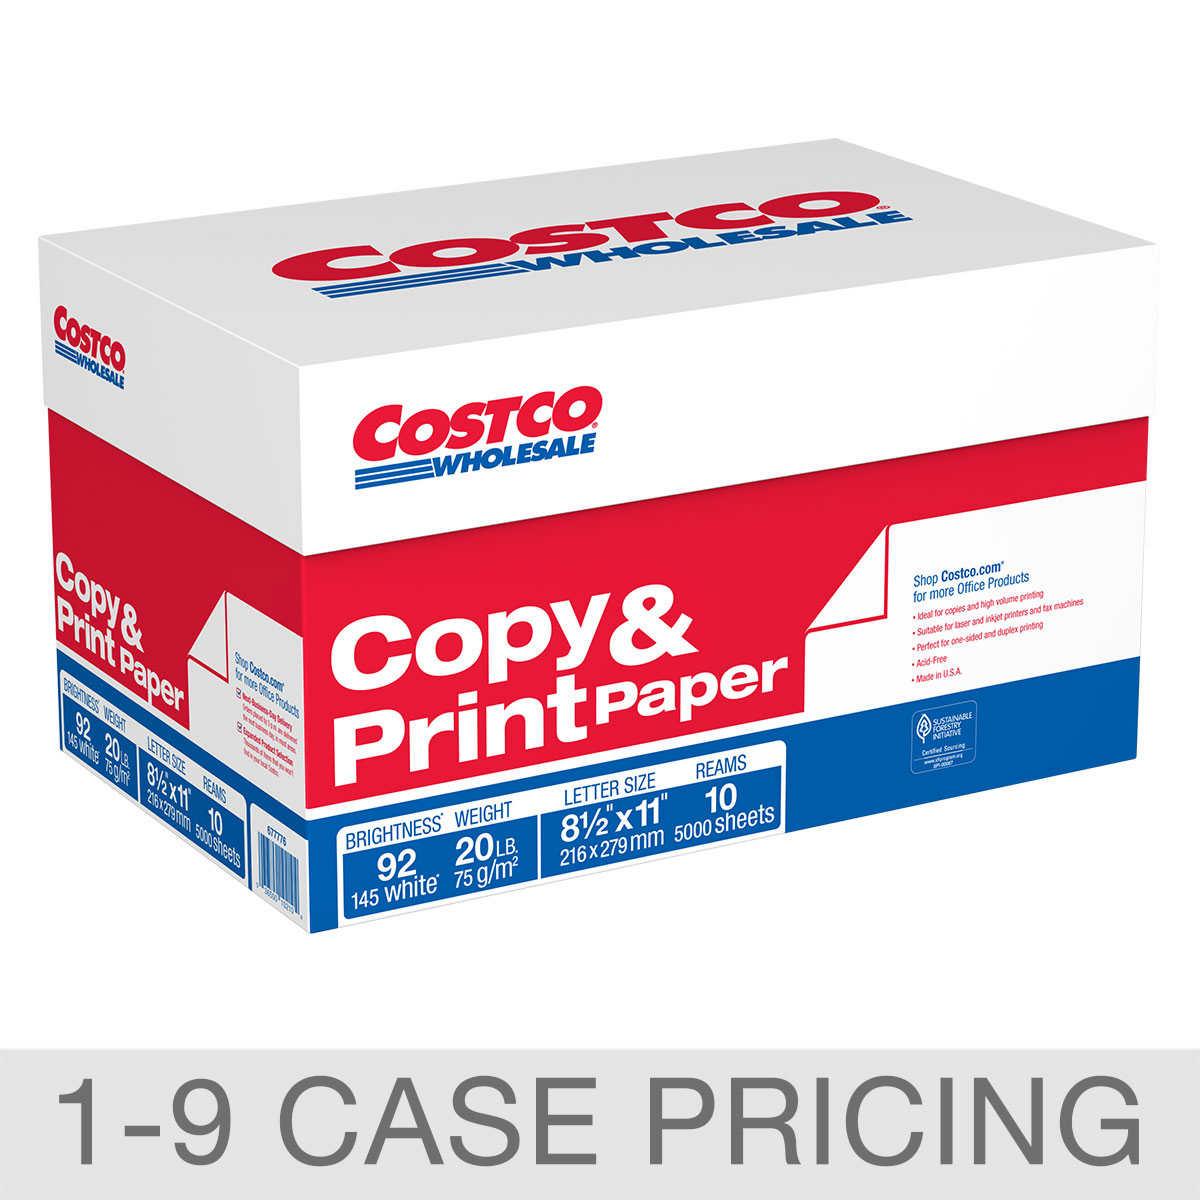 copy multipurpose paper costco copy paper letter 20lb 92 bright 5 000ct 1